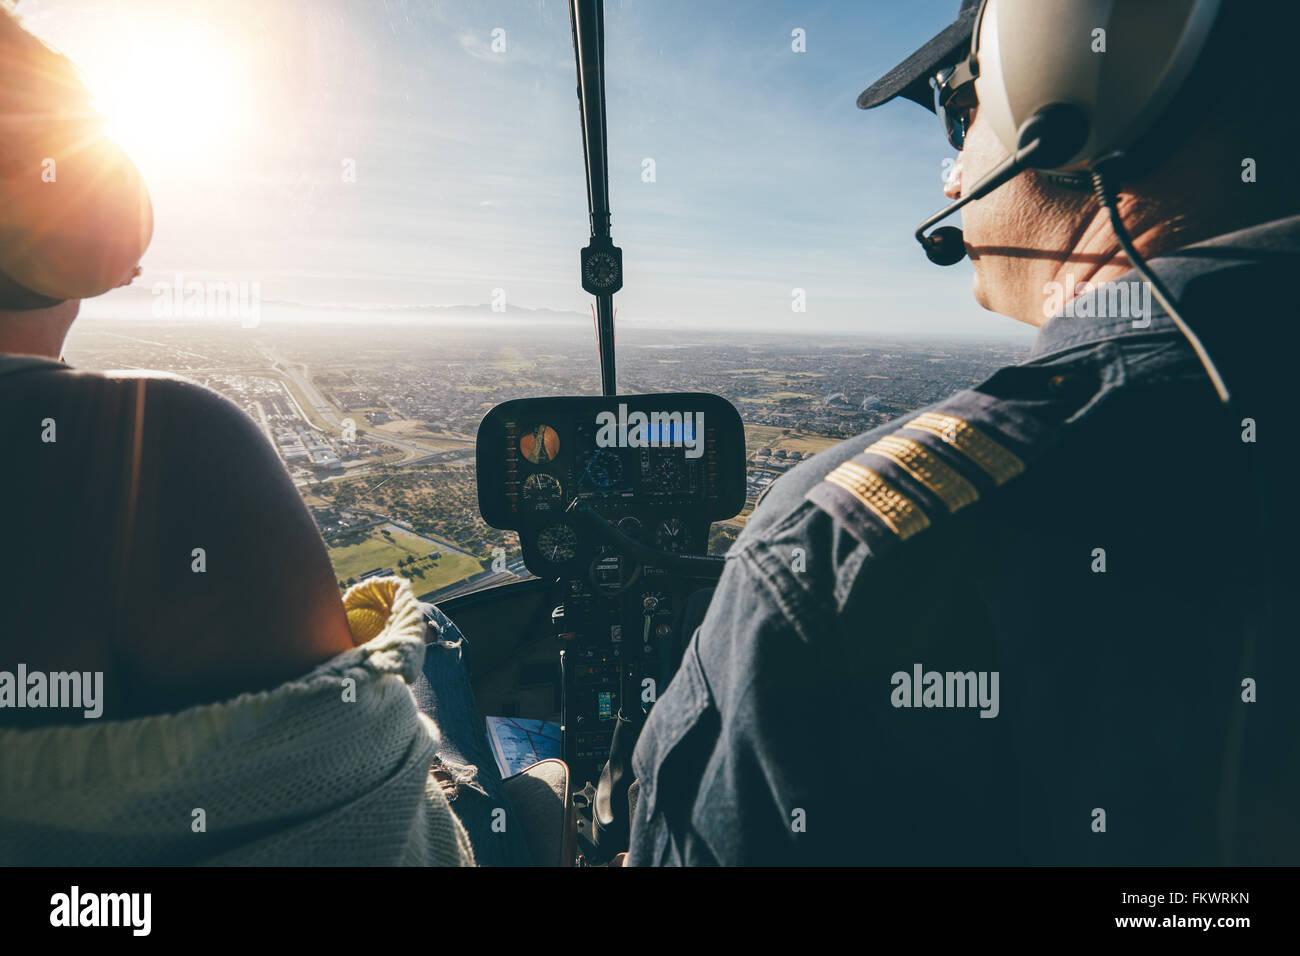 Vue arrière de deux pilotes aux commandes d'un hélicoptère le jour ensoleillé. Gros plan Photo Stock